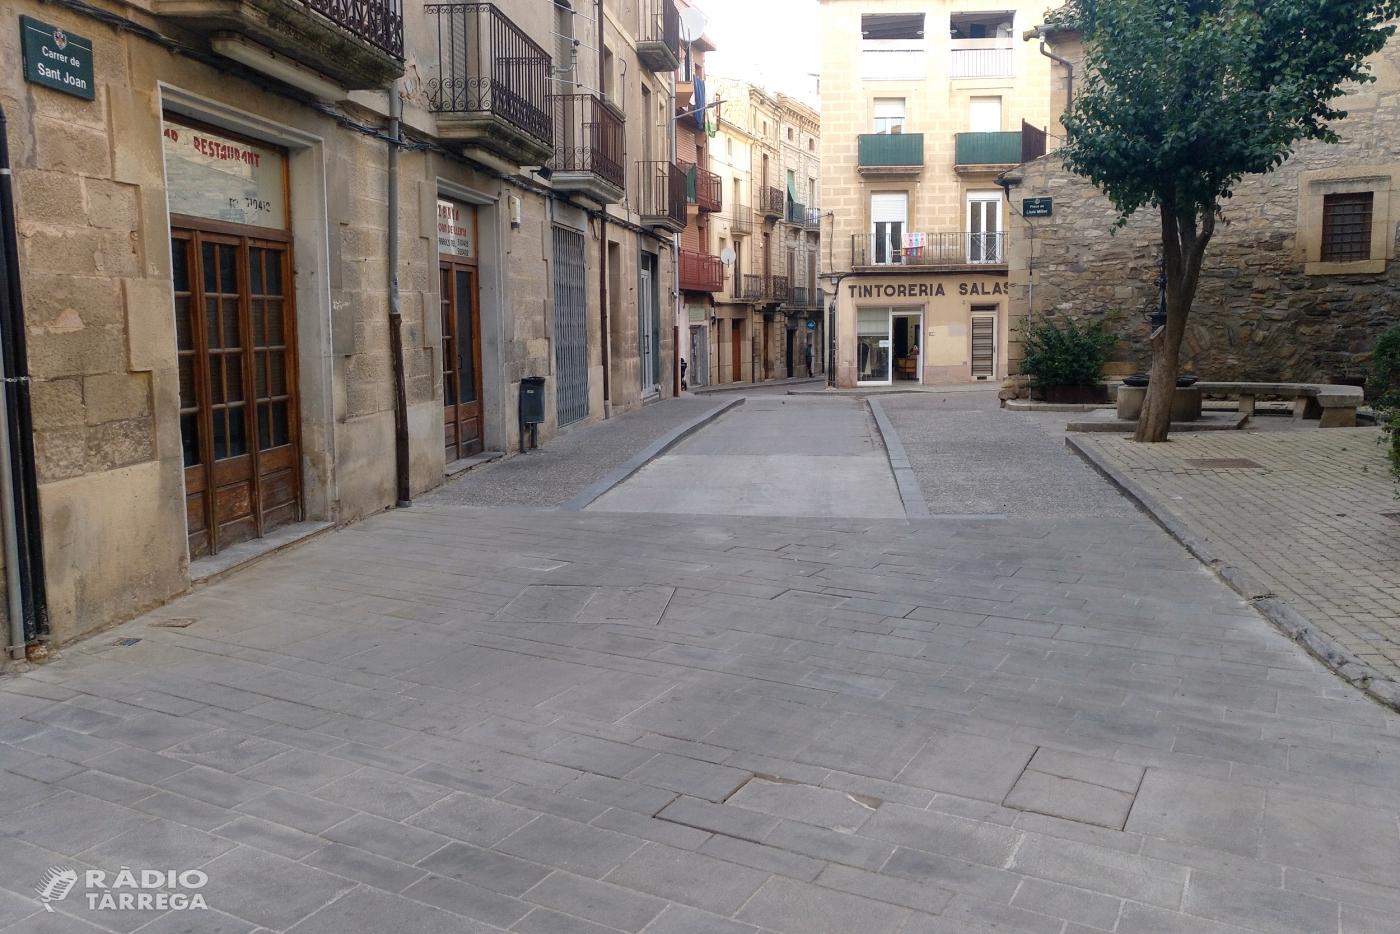 Tàrrega renovarà les lloses malmeses del paviment situat a la cruïlla dels carrers Urgell i Sant Joan a partir del dilluns 29 de març